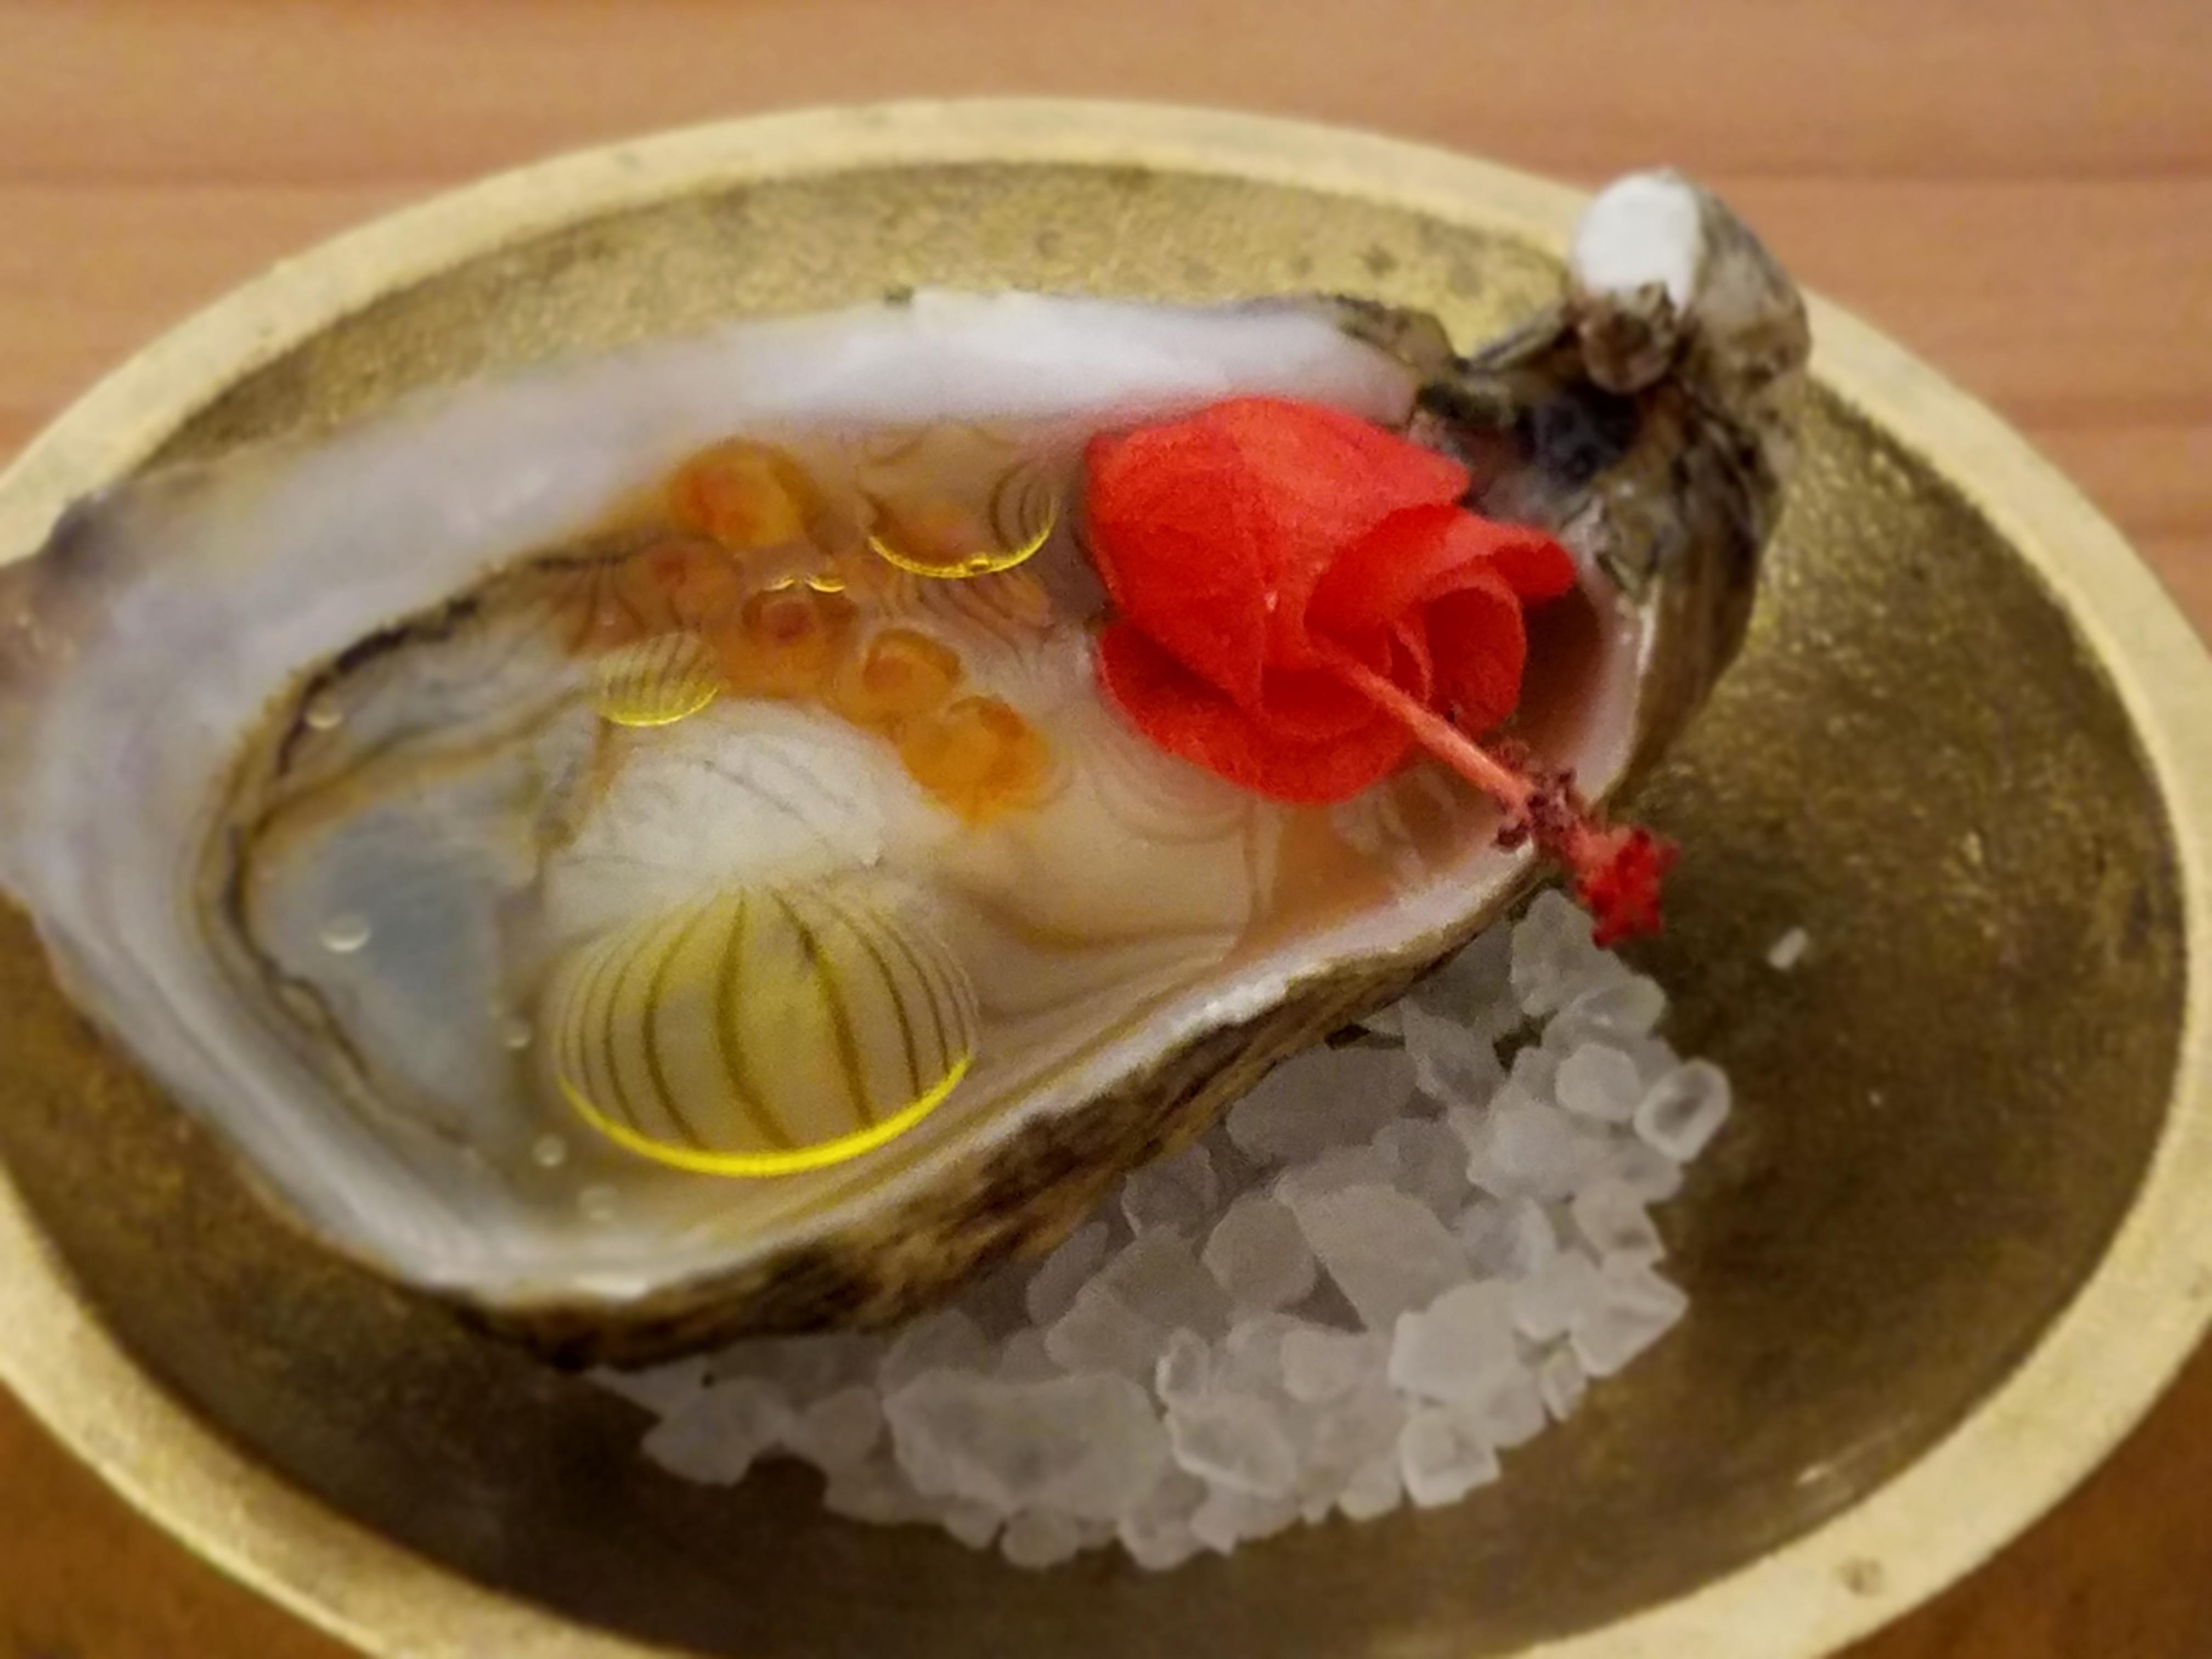 Finally a damn oyster